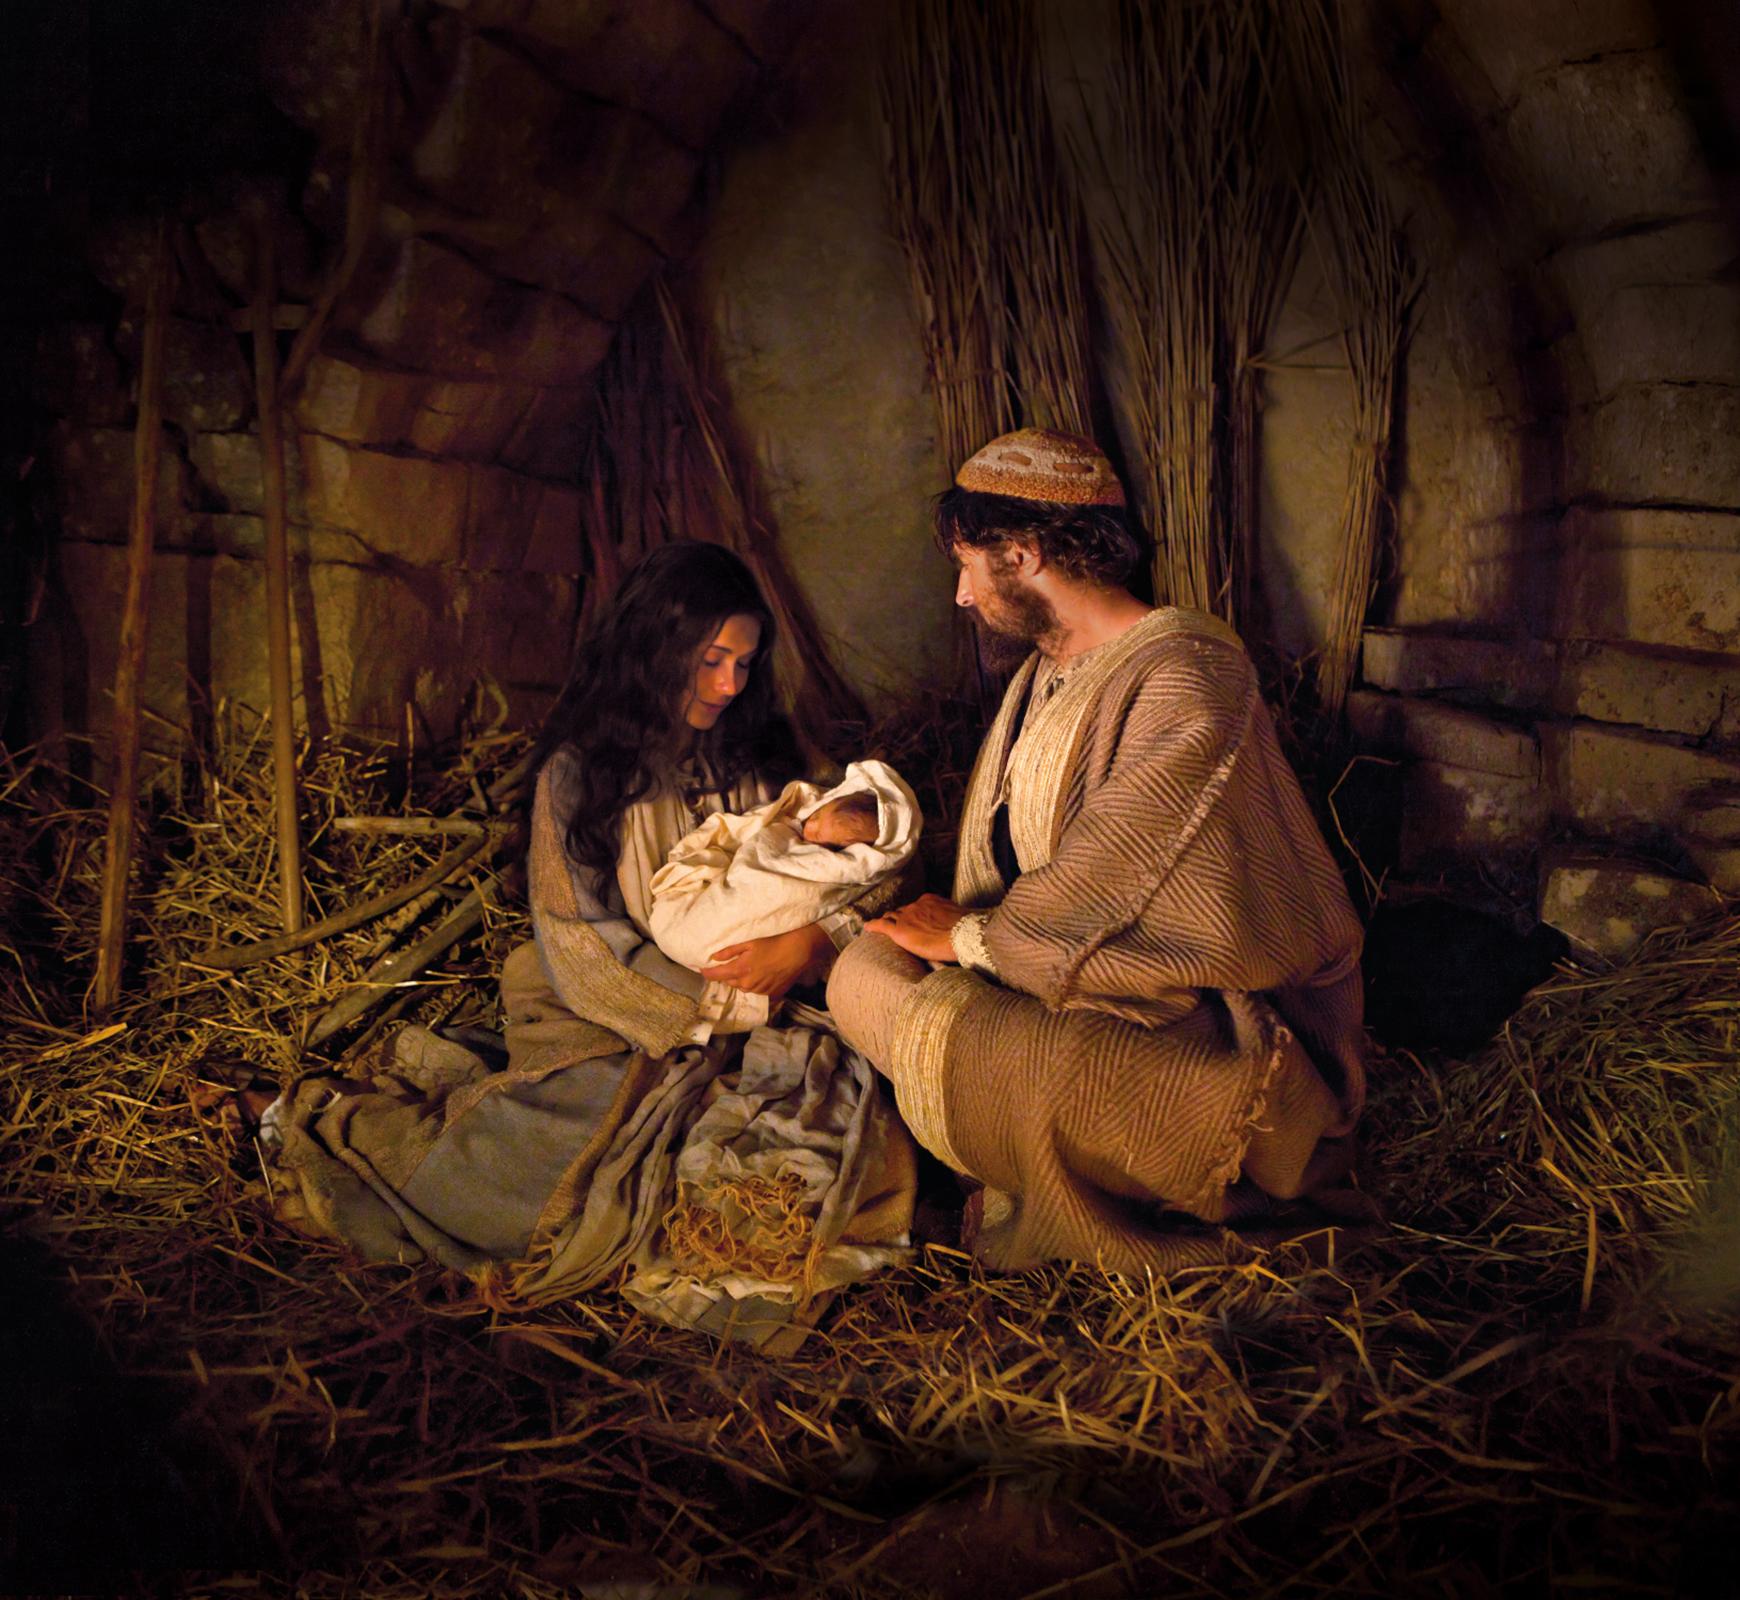 The Nativity - The Nativity